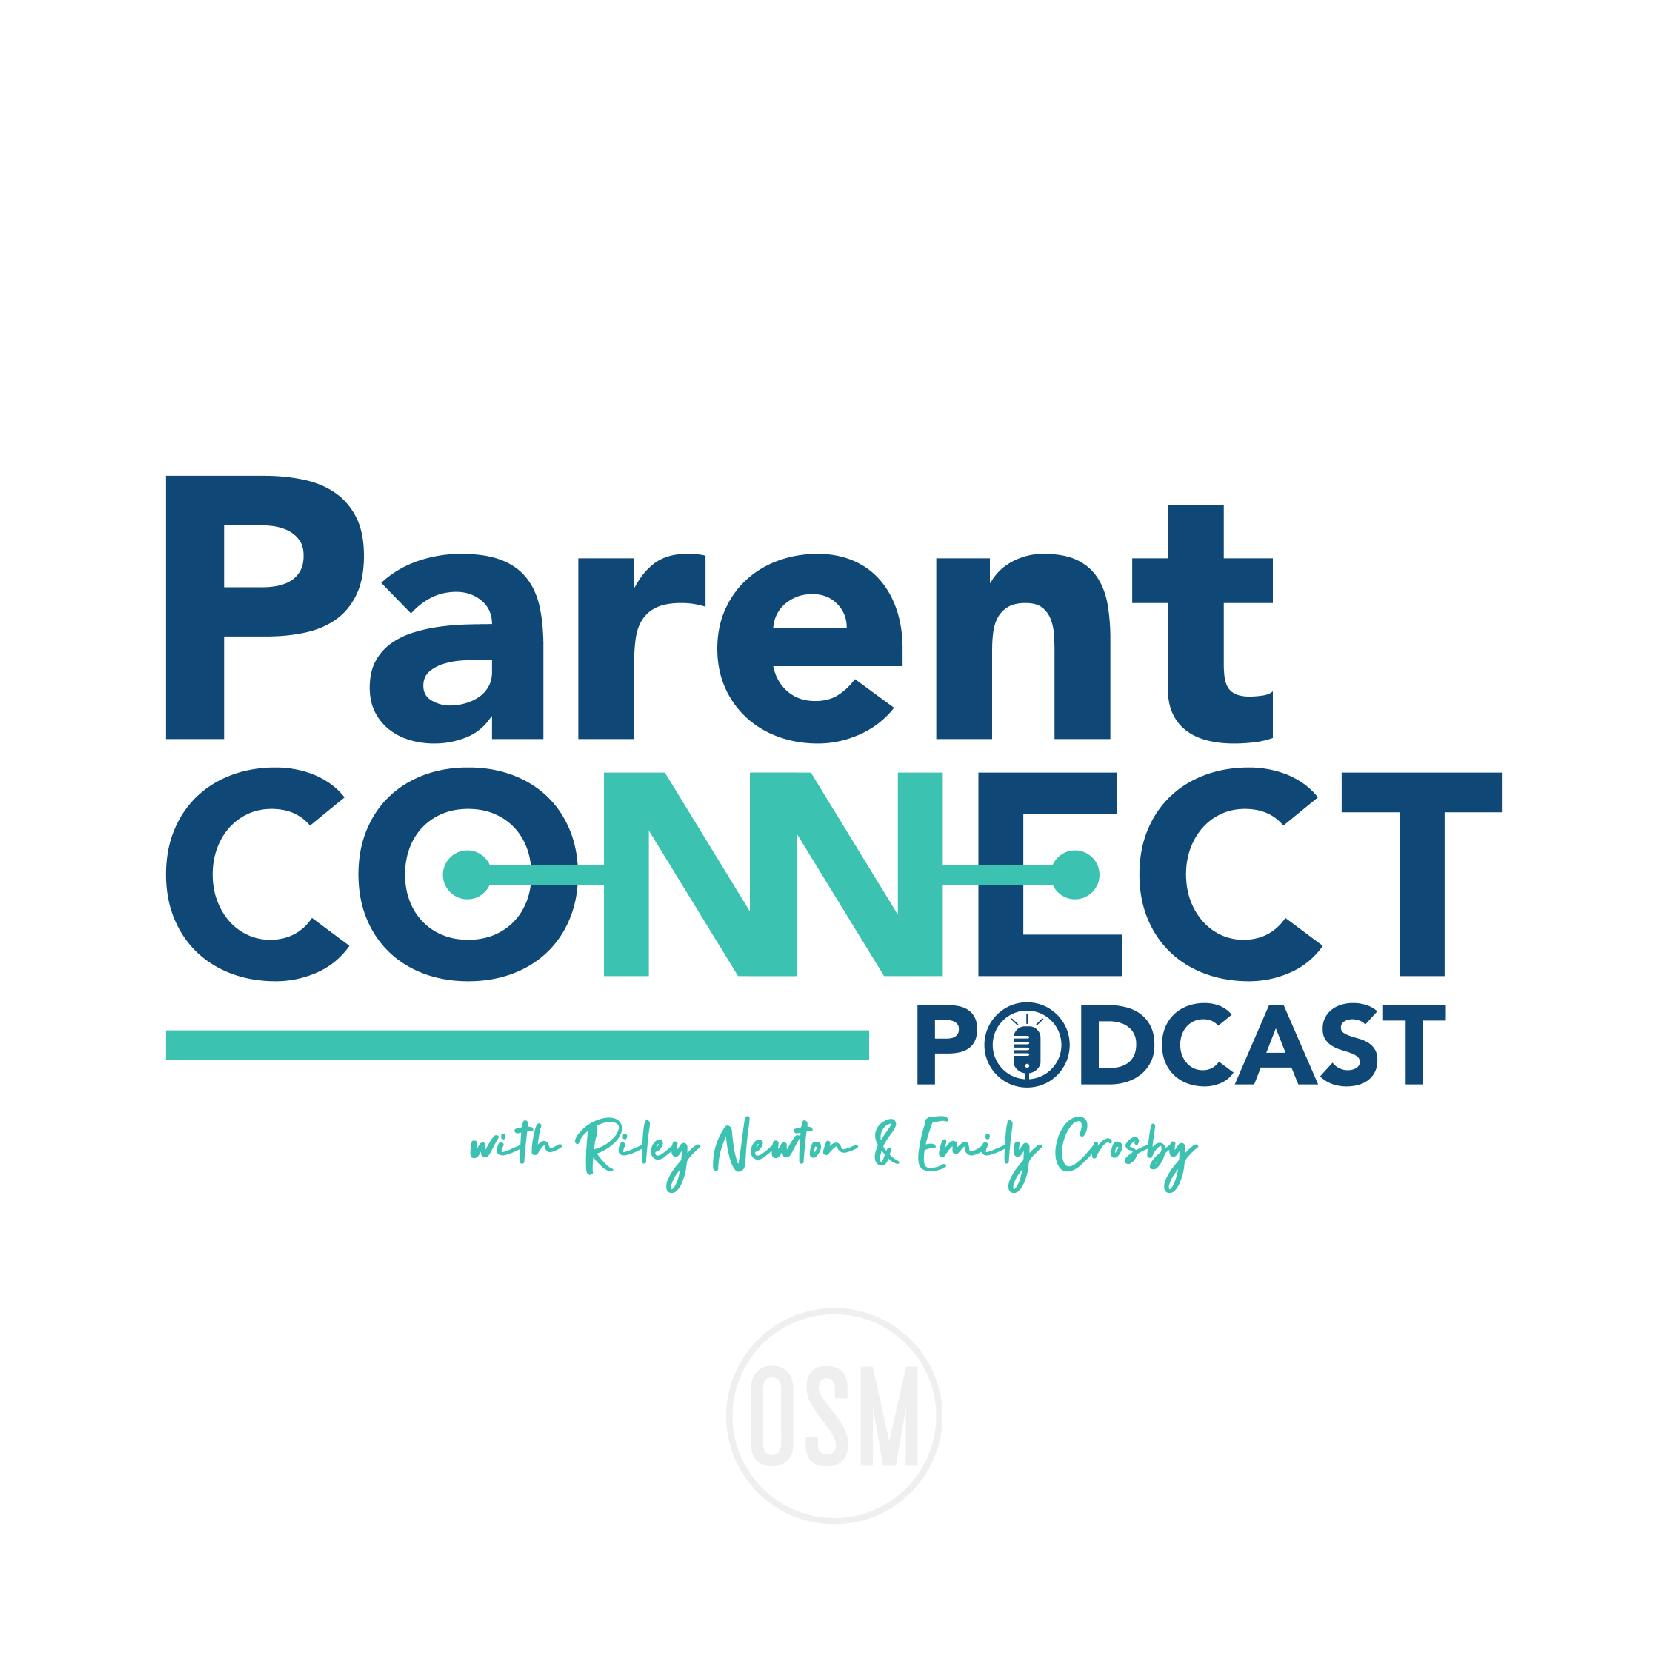 Parent Connect Podcast show art